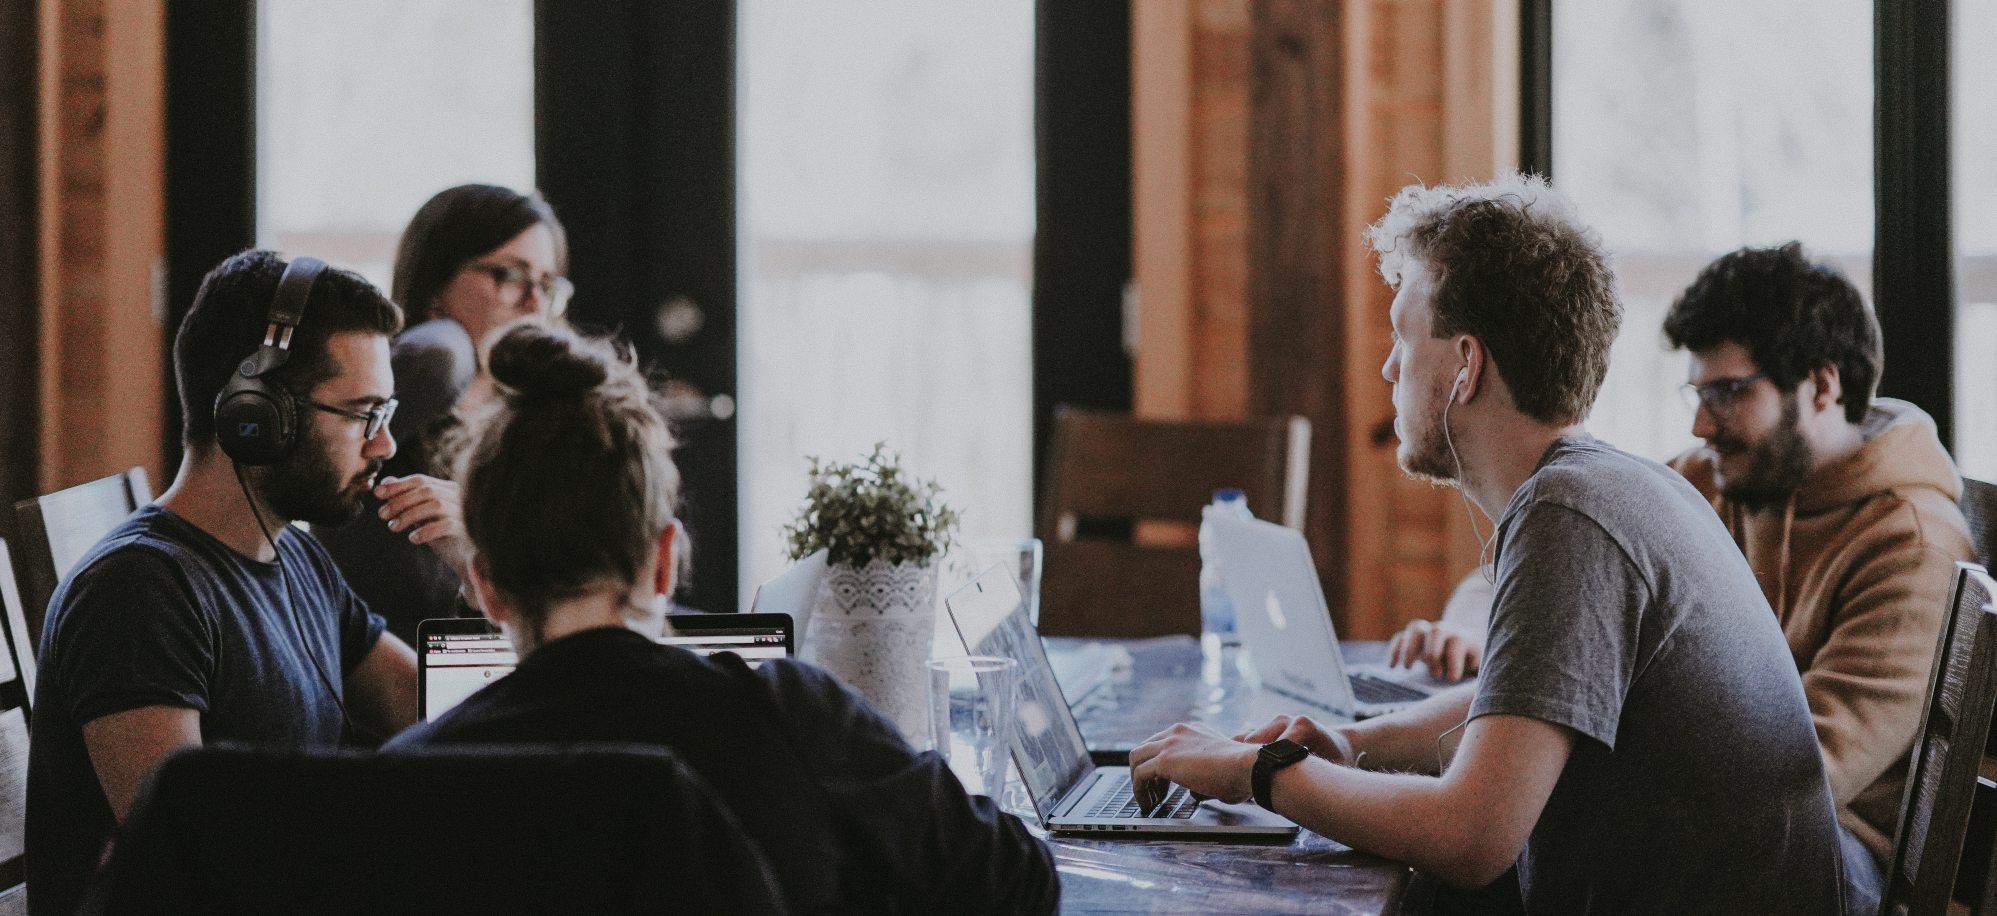 hybride werken met je team op kantoor